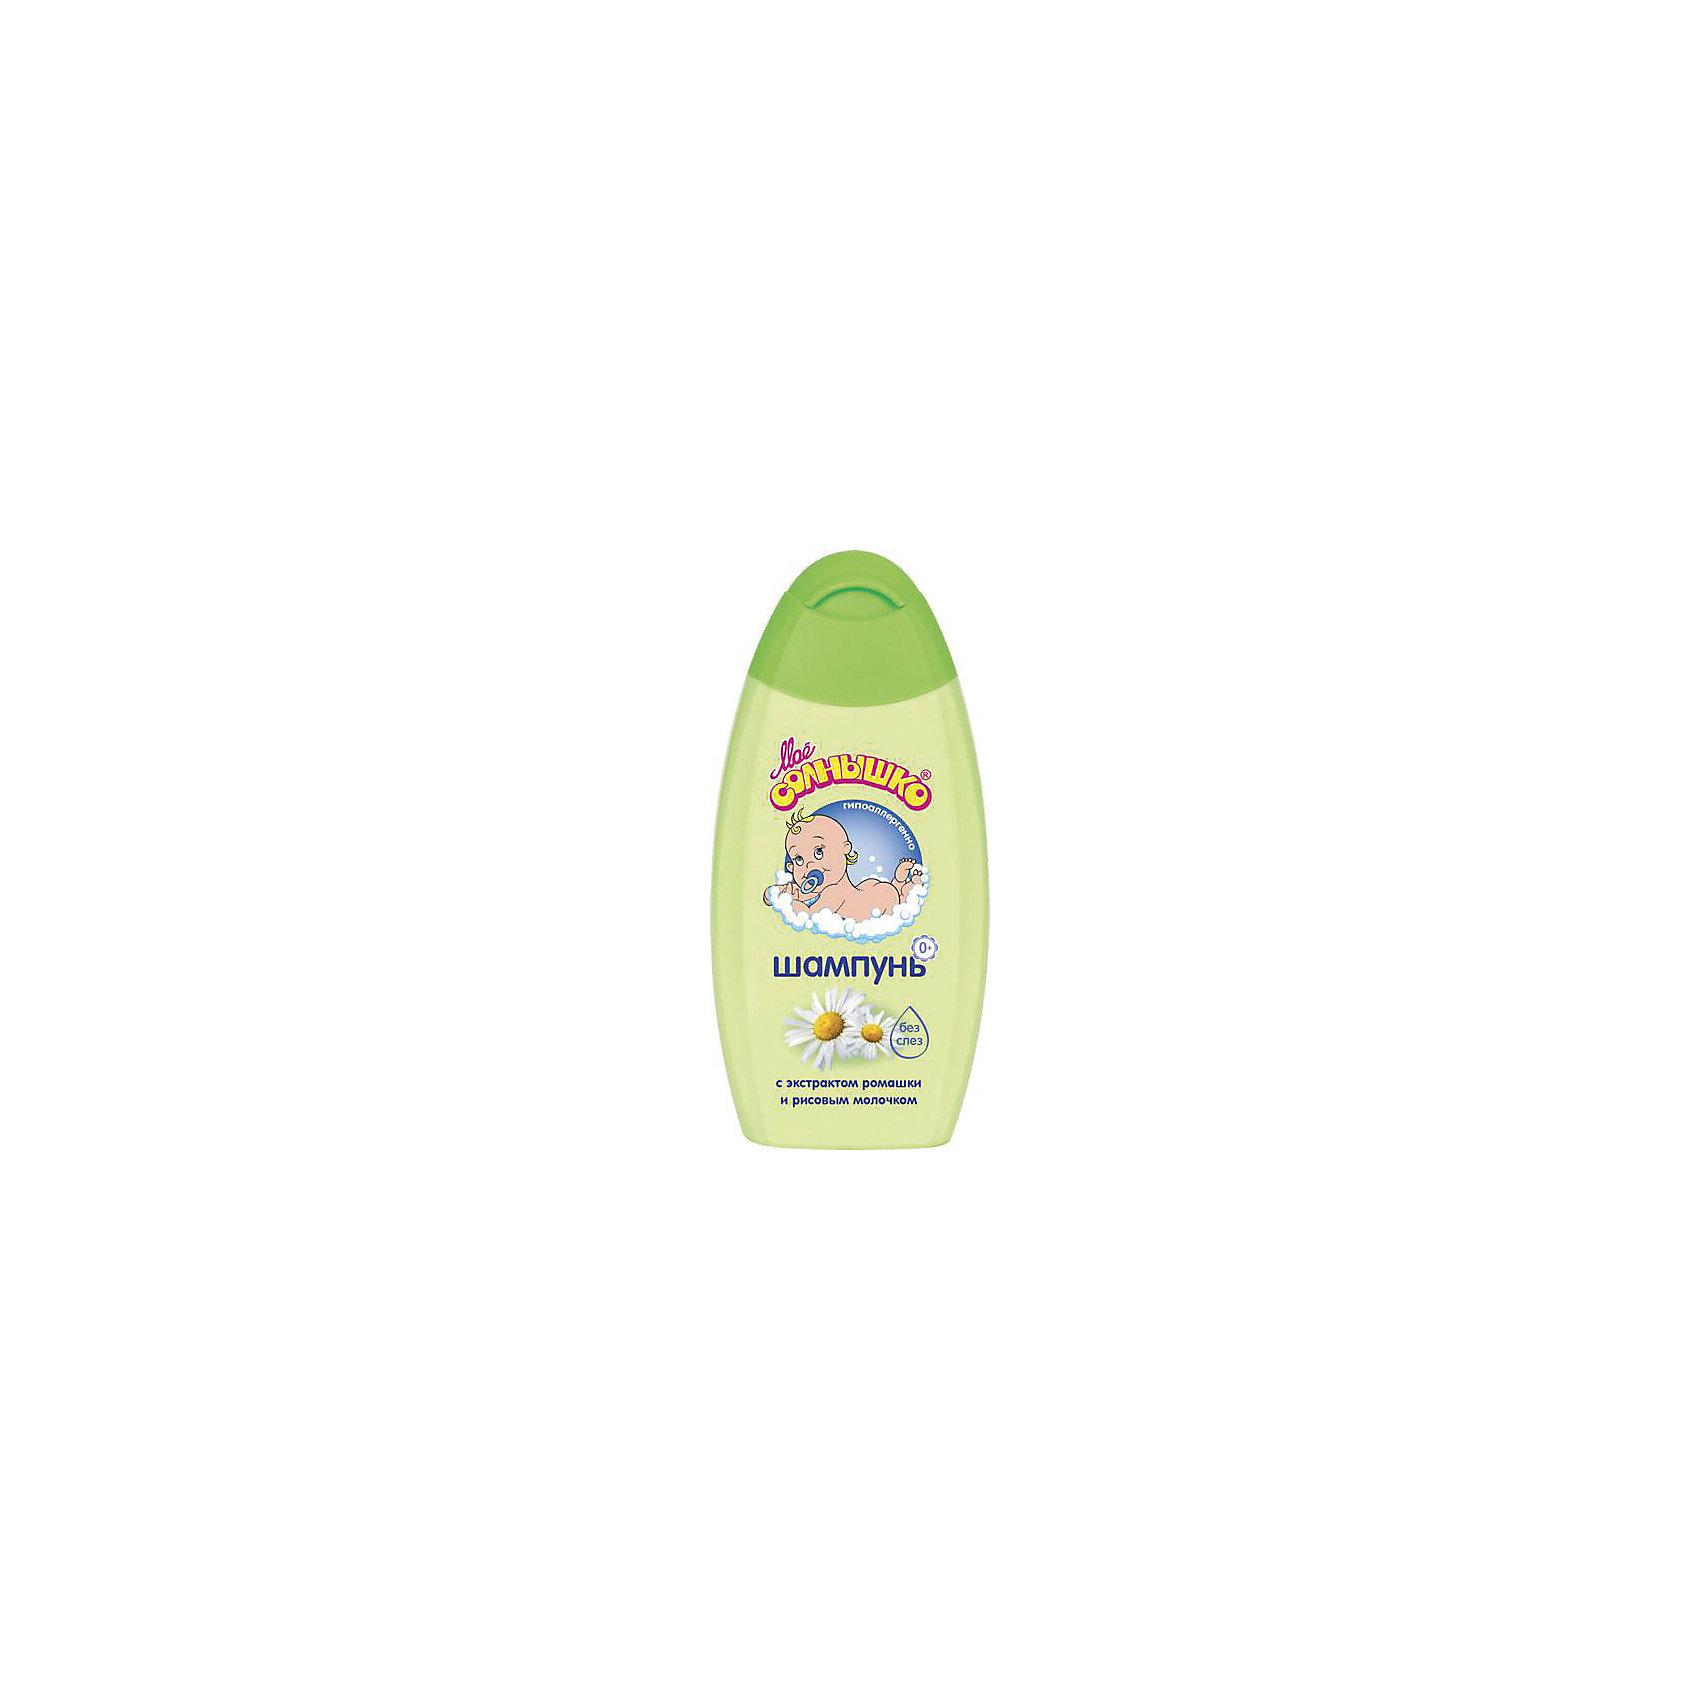 Шампунь с ромашкой 200 мл, Моё солнышкоКосметика для купания<br>Экстракт ромашки и рисовое молочко мягко ухаживают за кожей головы новорожденного, не сушат её.Мягко моет волосы с первых дней жизни ребенка и не сушит кожу. Точно выверенное оптимальное содержание моющих компонентов не нарушает природную защитную смазку кожи малыша. Шампунь предотвращает образование сухих корочек на головке малыша. pH-сбалансированная формула шампуня не вызывает раздражения детских глазок.<br><br>Ширина мм: 75<br>Глубина мм: 35<br>Высота мм: 160<br>Вес г: 220<br>Возраст от месяцев: 0<br>Возраст до месяцев: 36<br>Пол: Унисекс<br>Возраст: Детский<br>SKU: 4124447